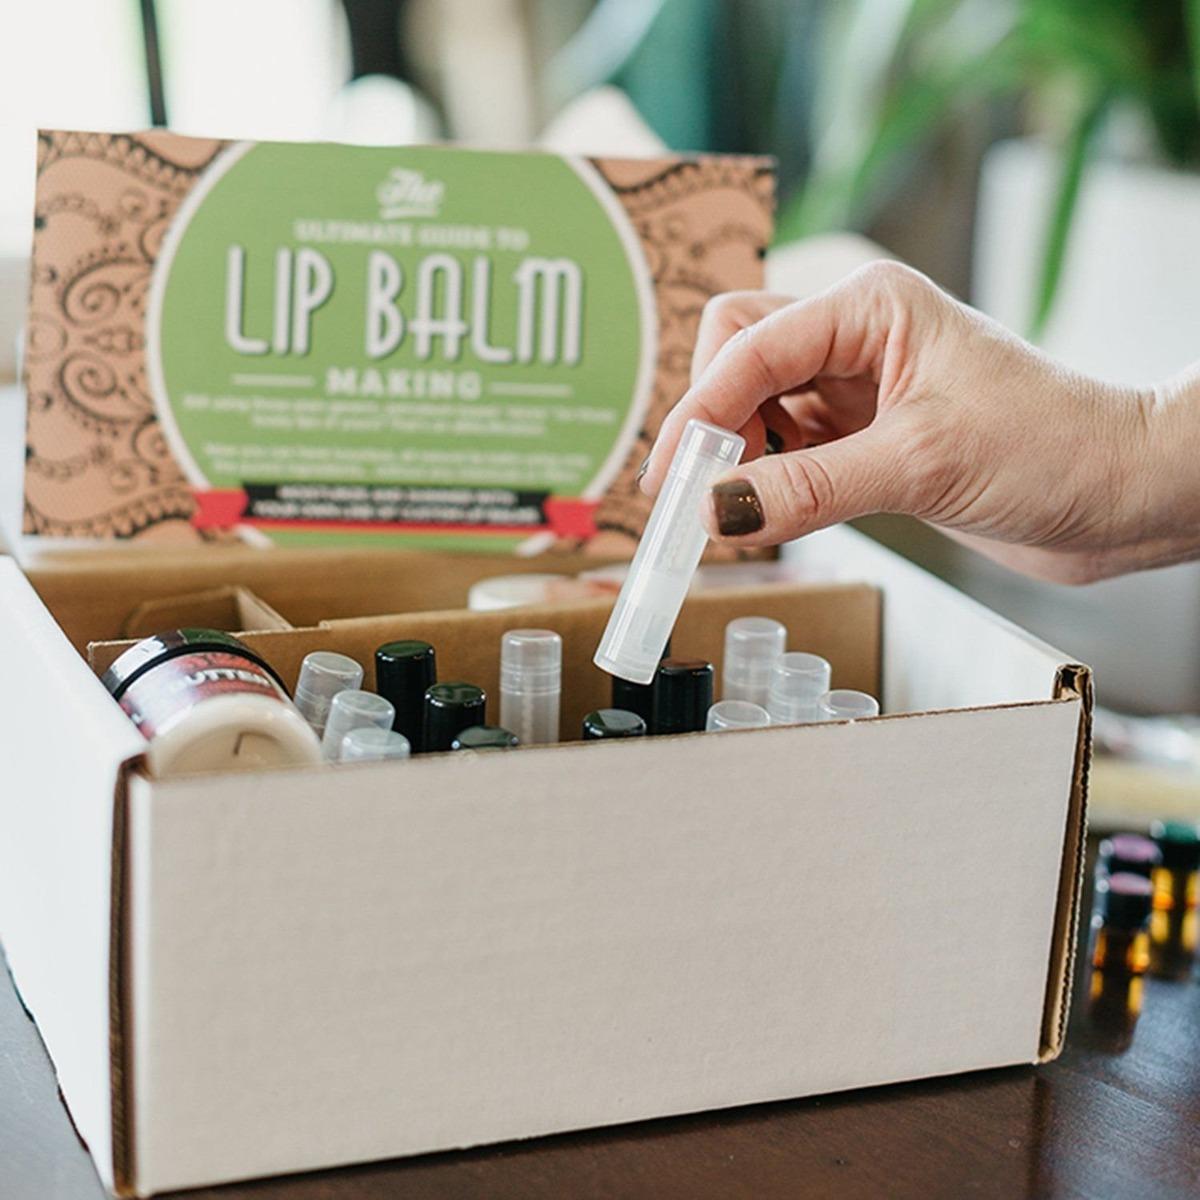 Diy Lip Balm Kit Juego De 73 Piezas Hecho En Casa Nat